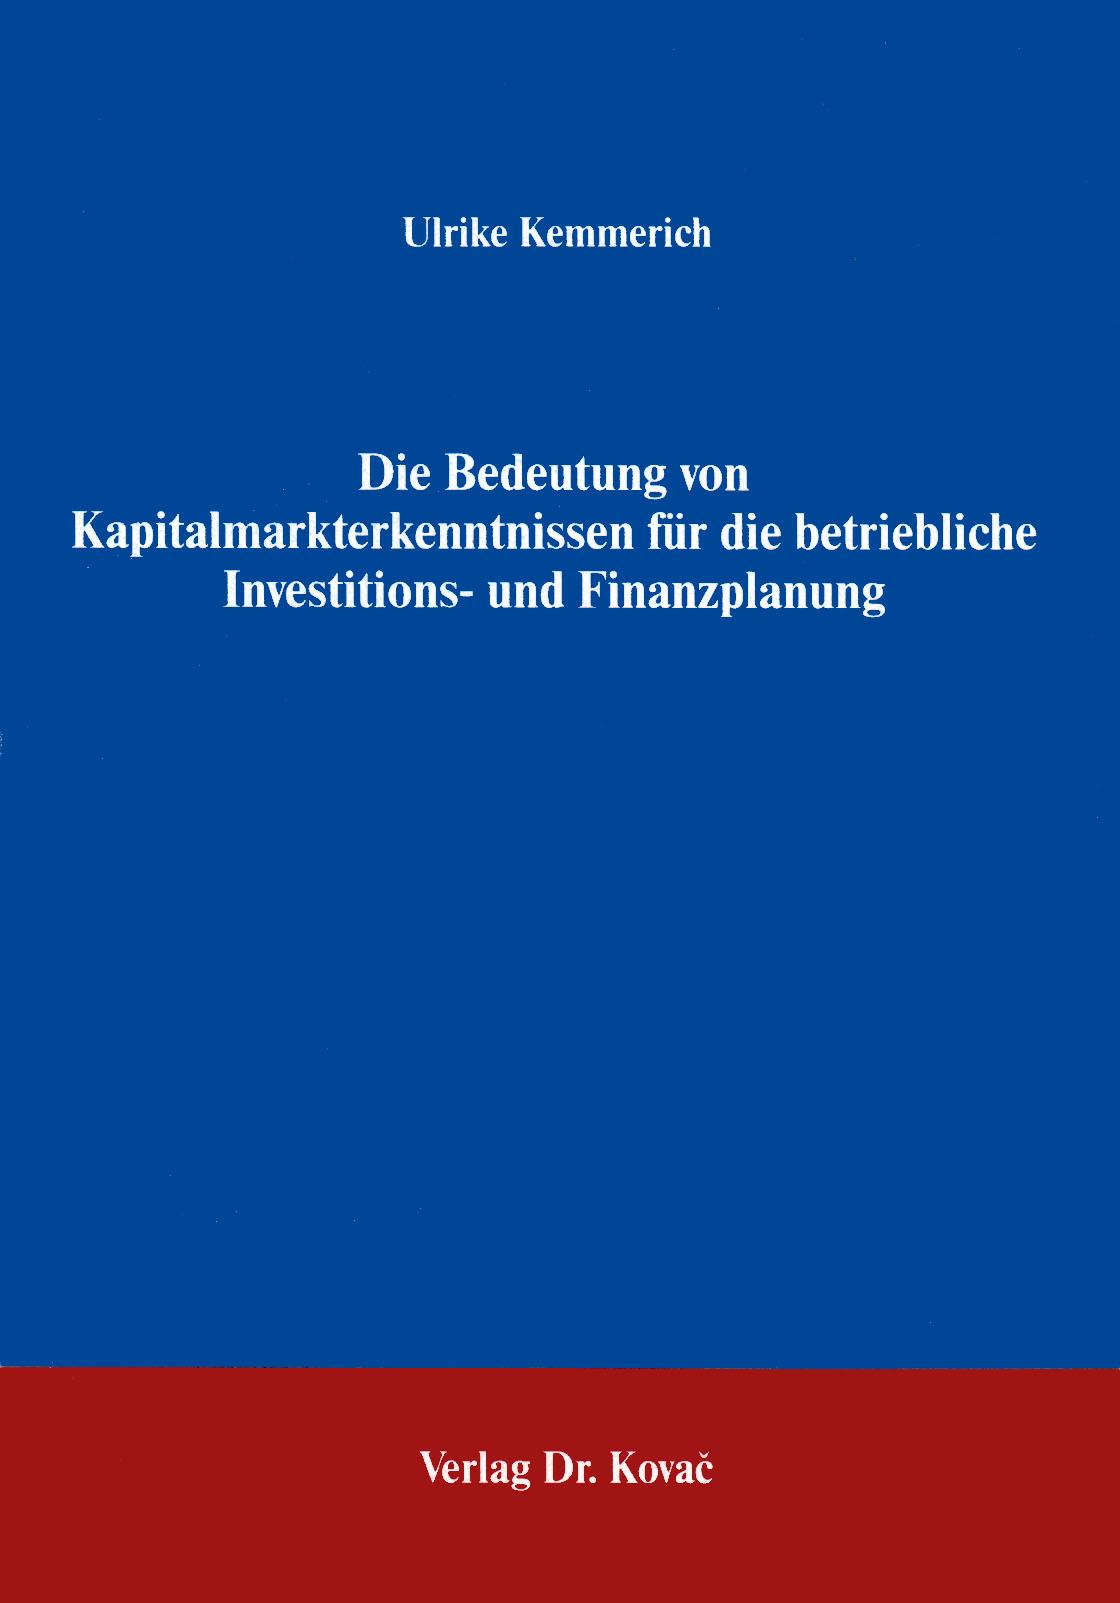 Cover: Die Bedeutung von Kapitalmarkterkenntnissen für die betriebliche Investitions- und Finanzplanung